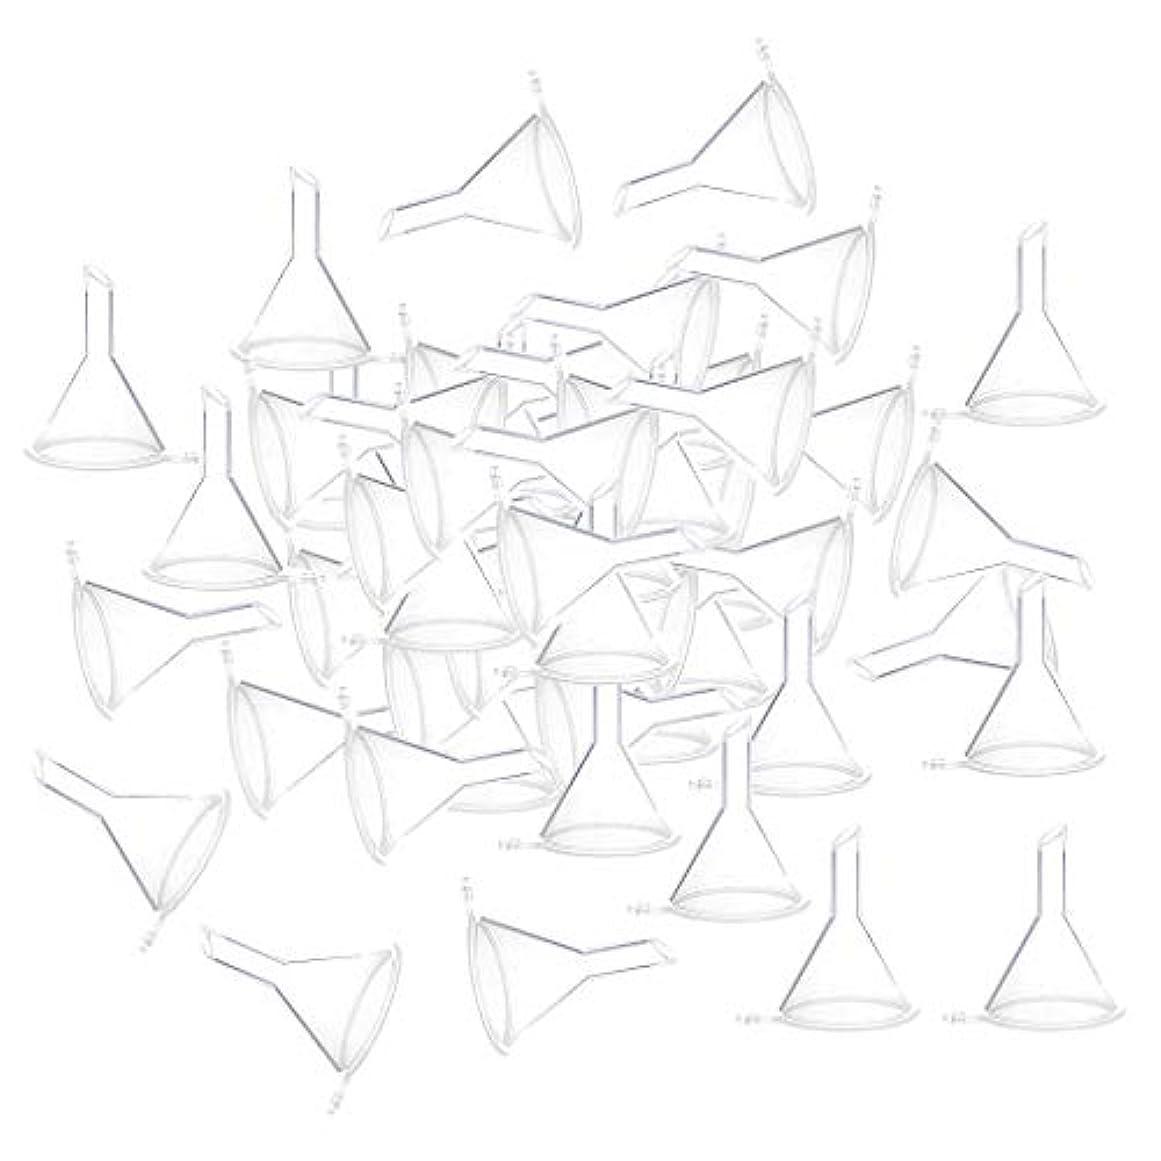 偏心中断データムF Fityle 小分けツール ミニ ファンネル エッセンシャルオイル 液体 香水用 全100個 3カラー - クリア